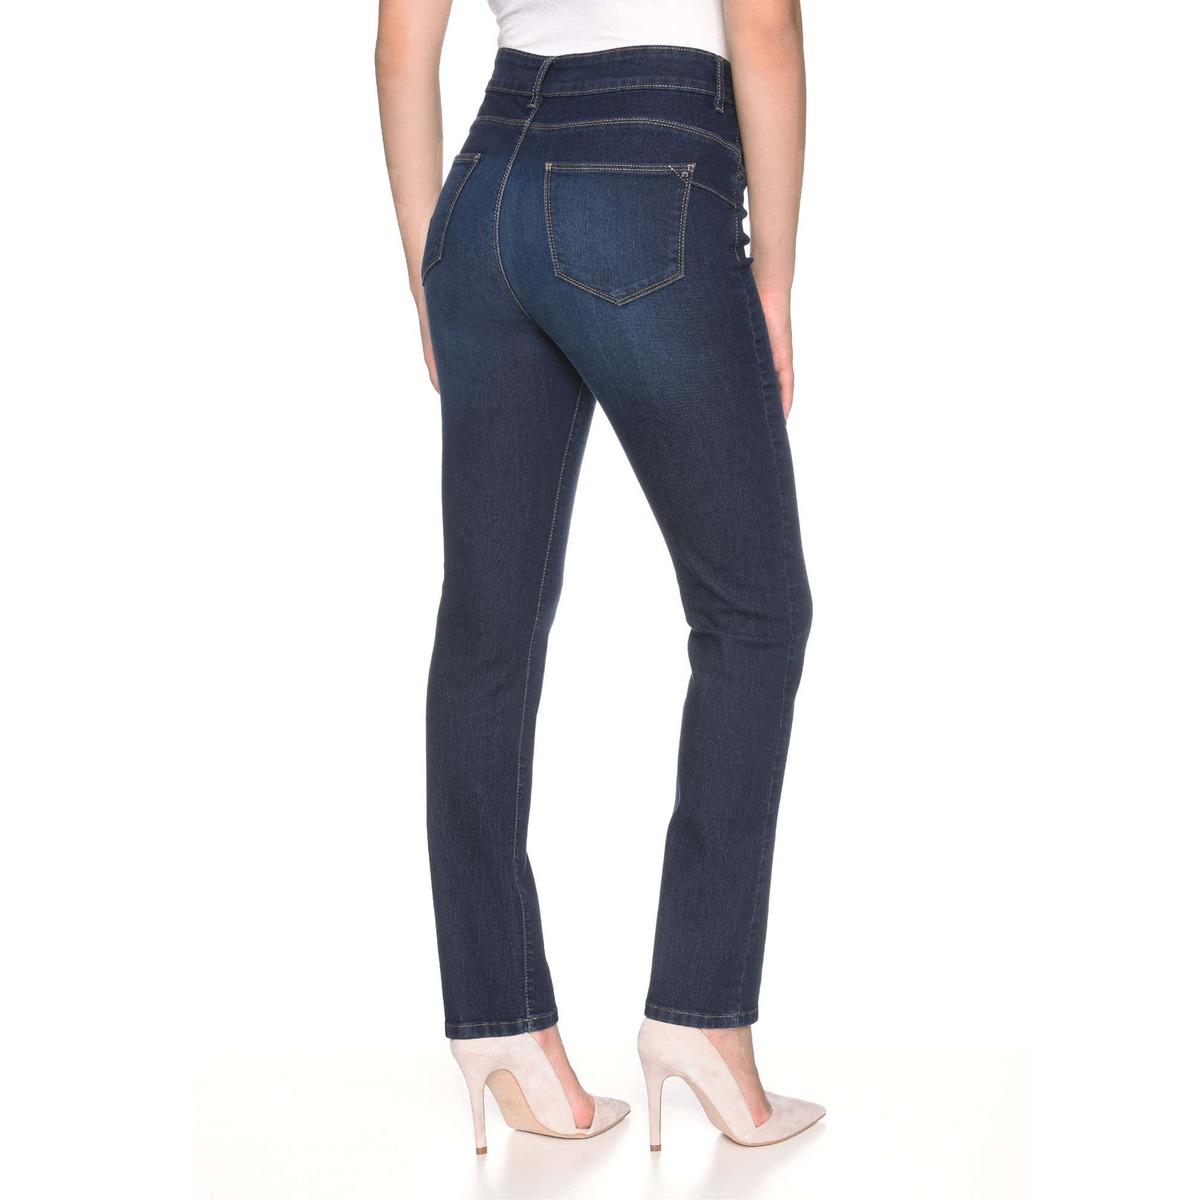 Bild 2 von Damen-Stooker-Jeans mit High-Waist-Cut, große Größen